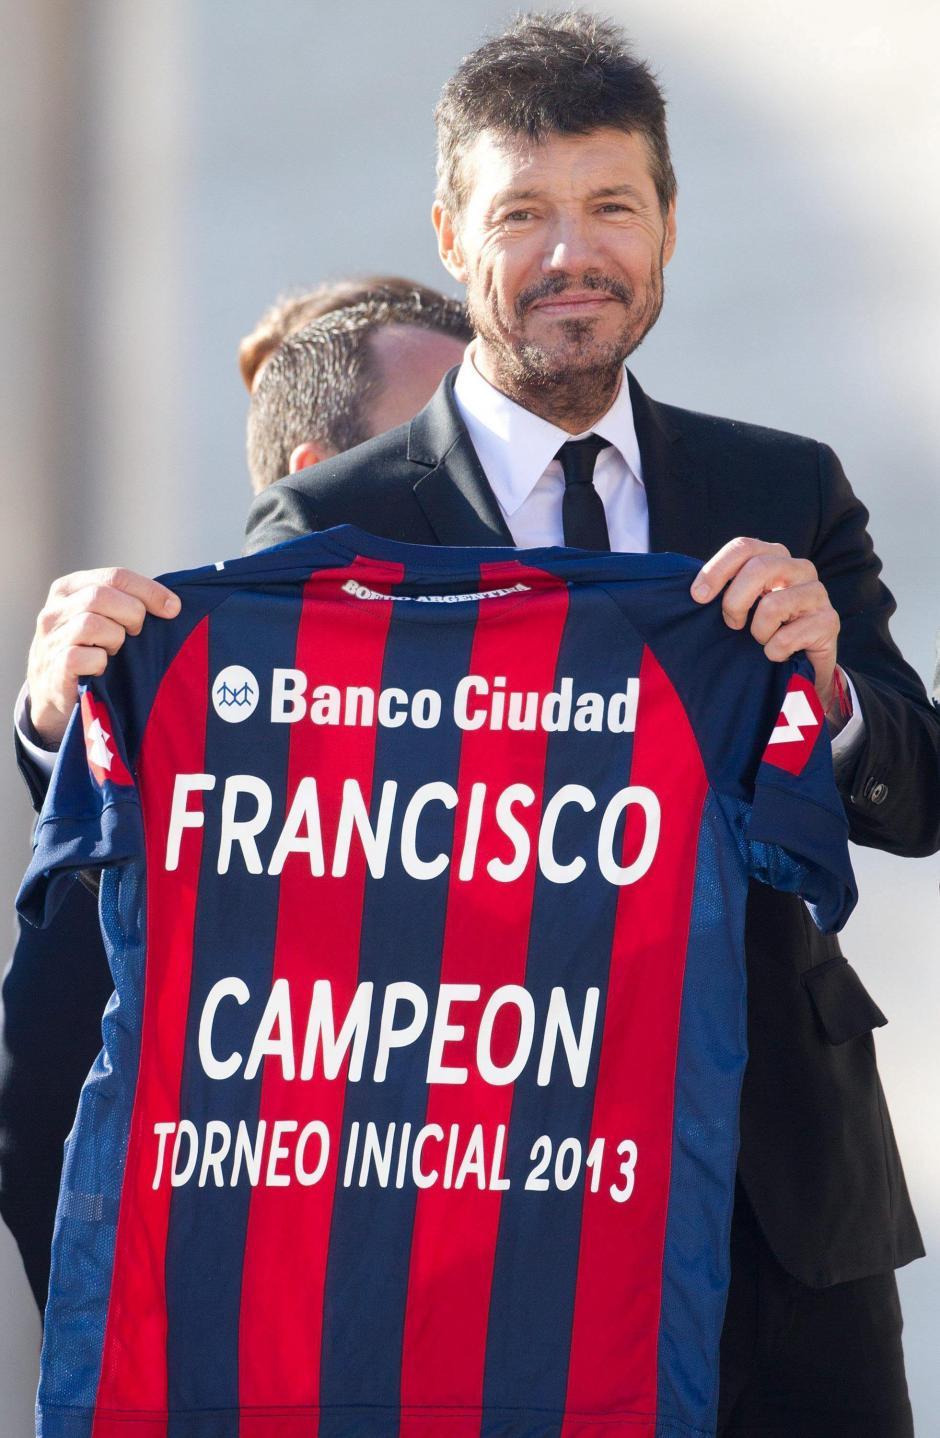 Uno de los integrantes de la delegación de San Lorenzo sostiene la camiseta que le regalaron al papa Francisco